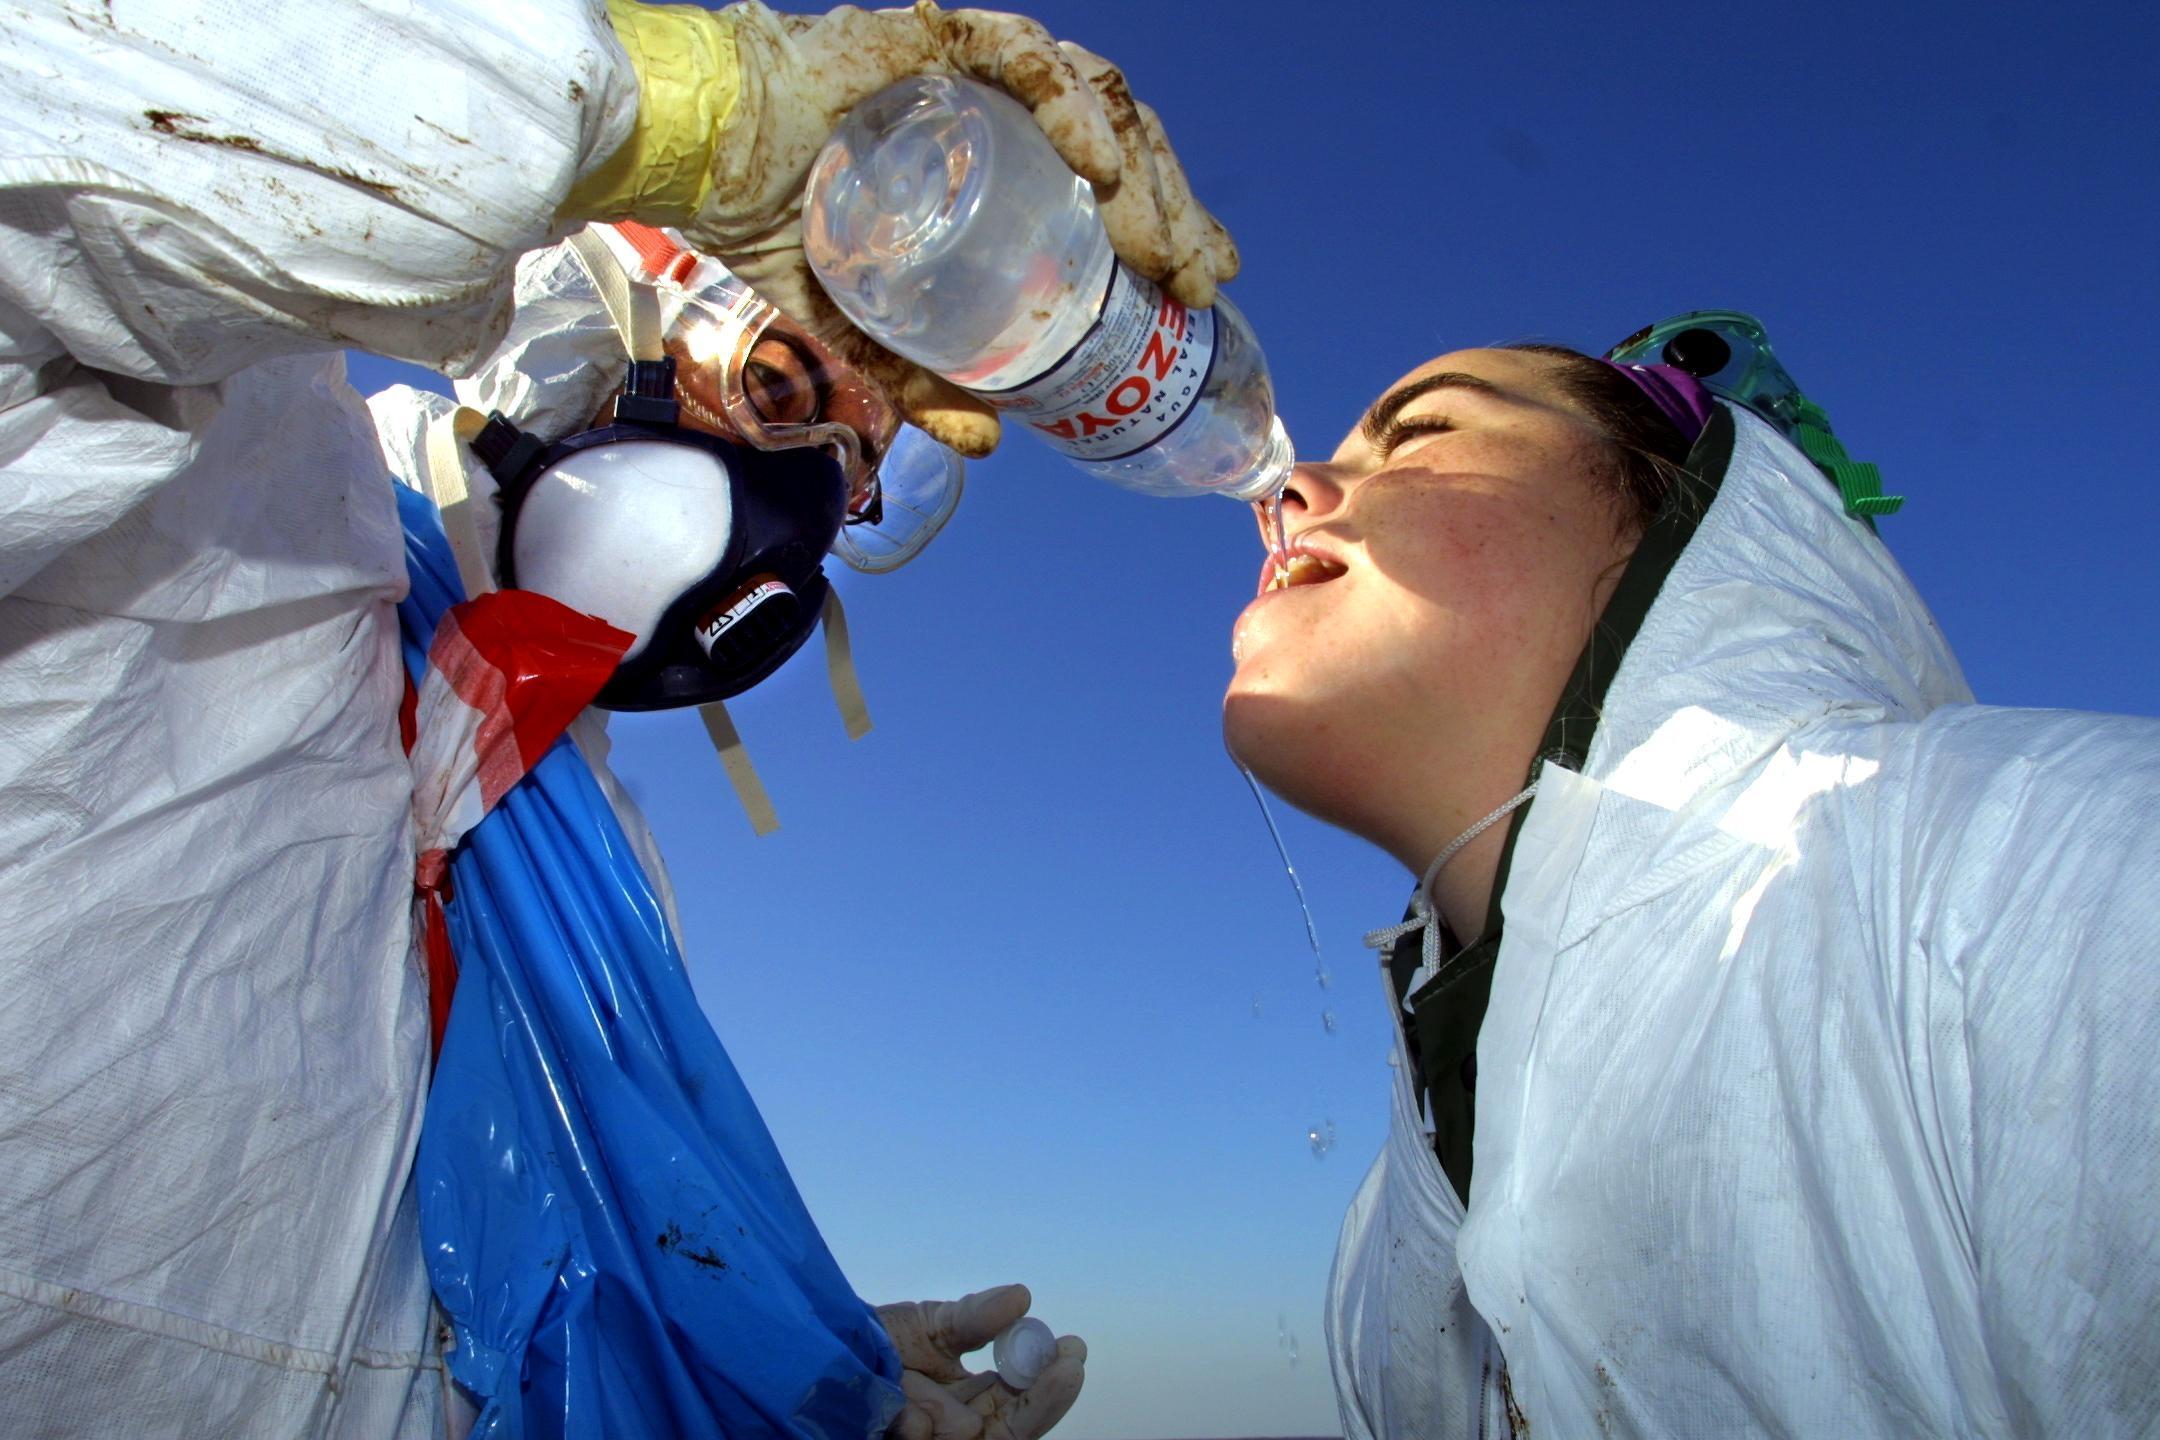 Un joven catalán ayuda a beber a una compañera en Camariñas. <br><b>José Manuel Casal</b>